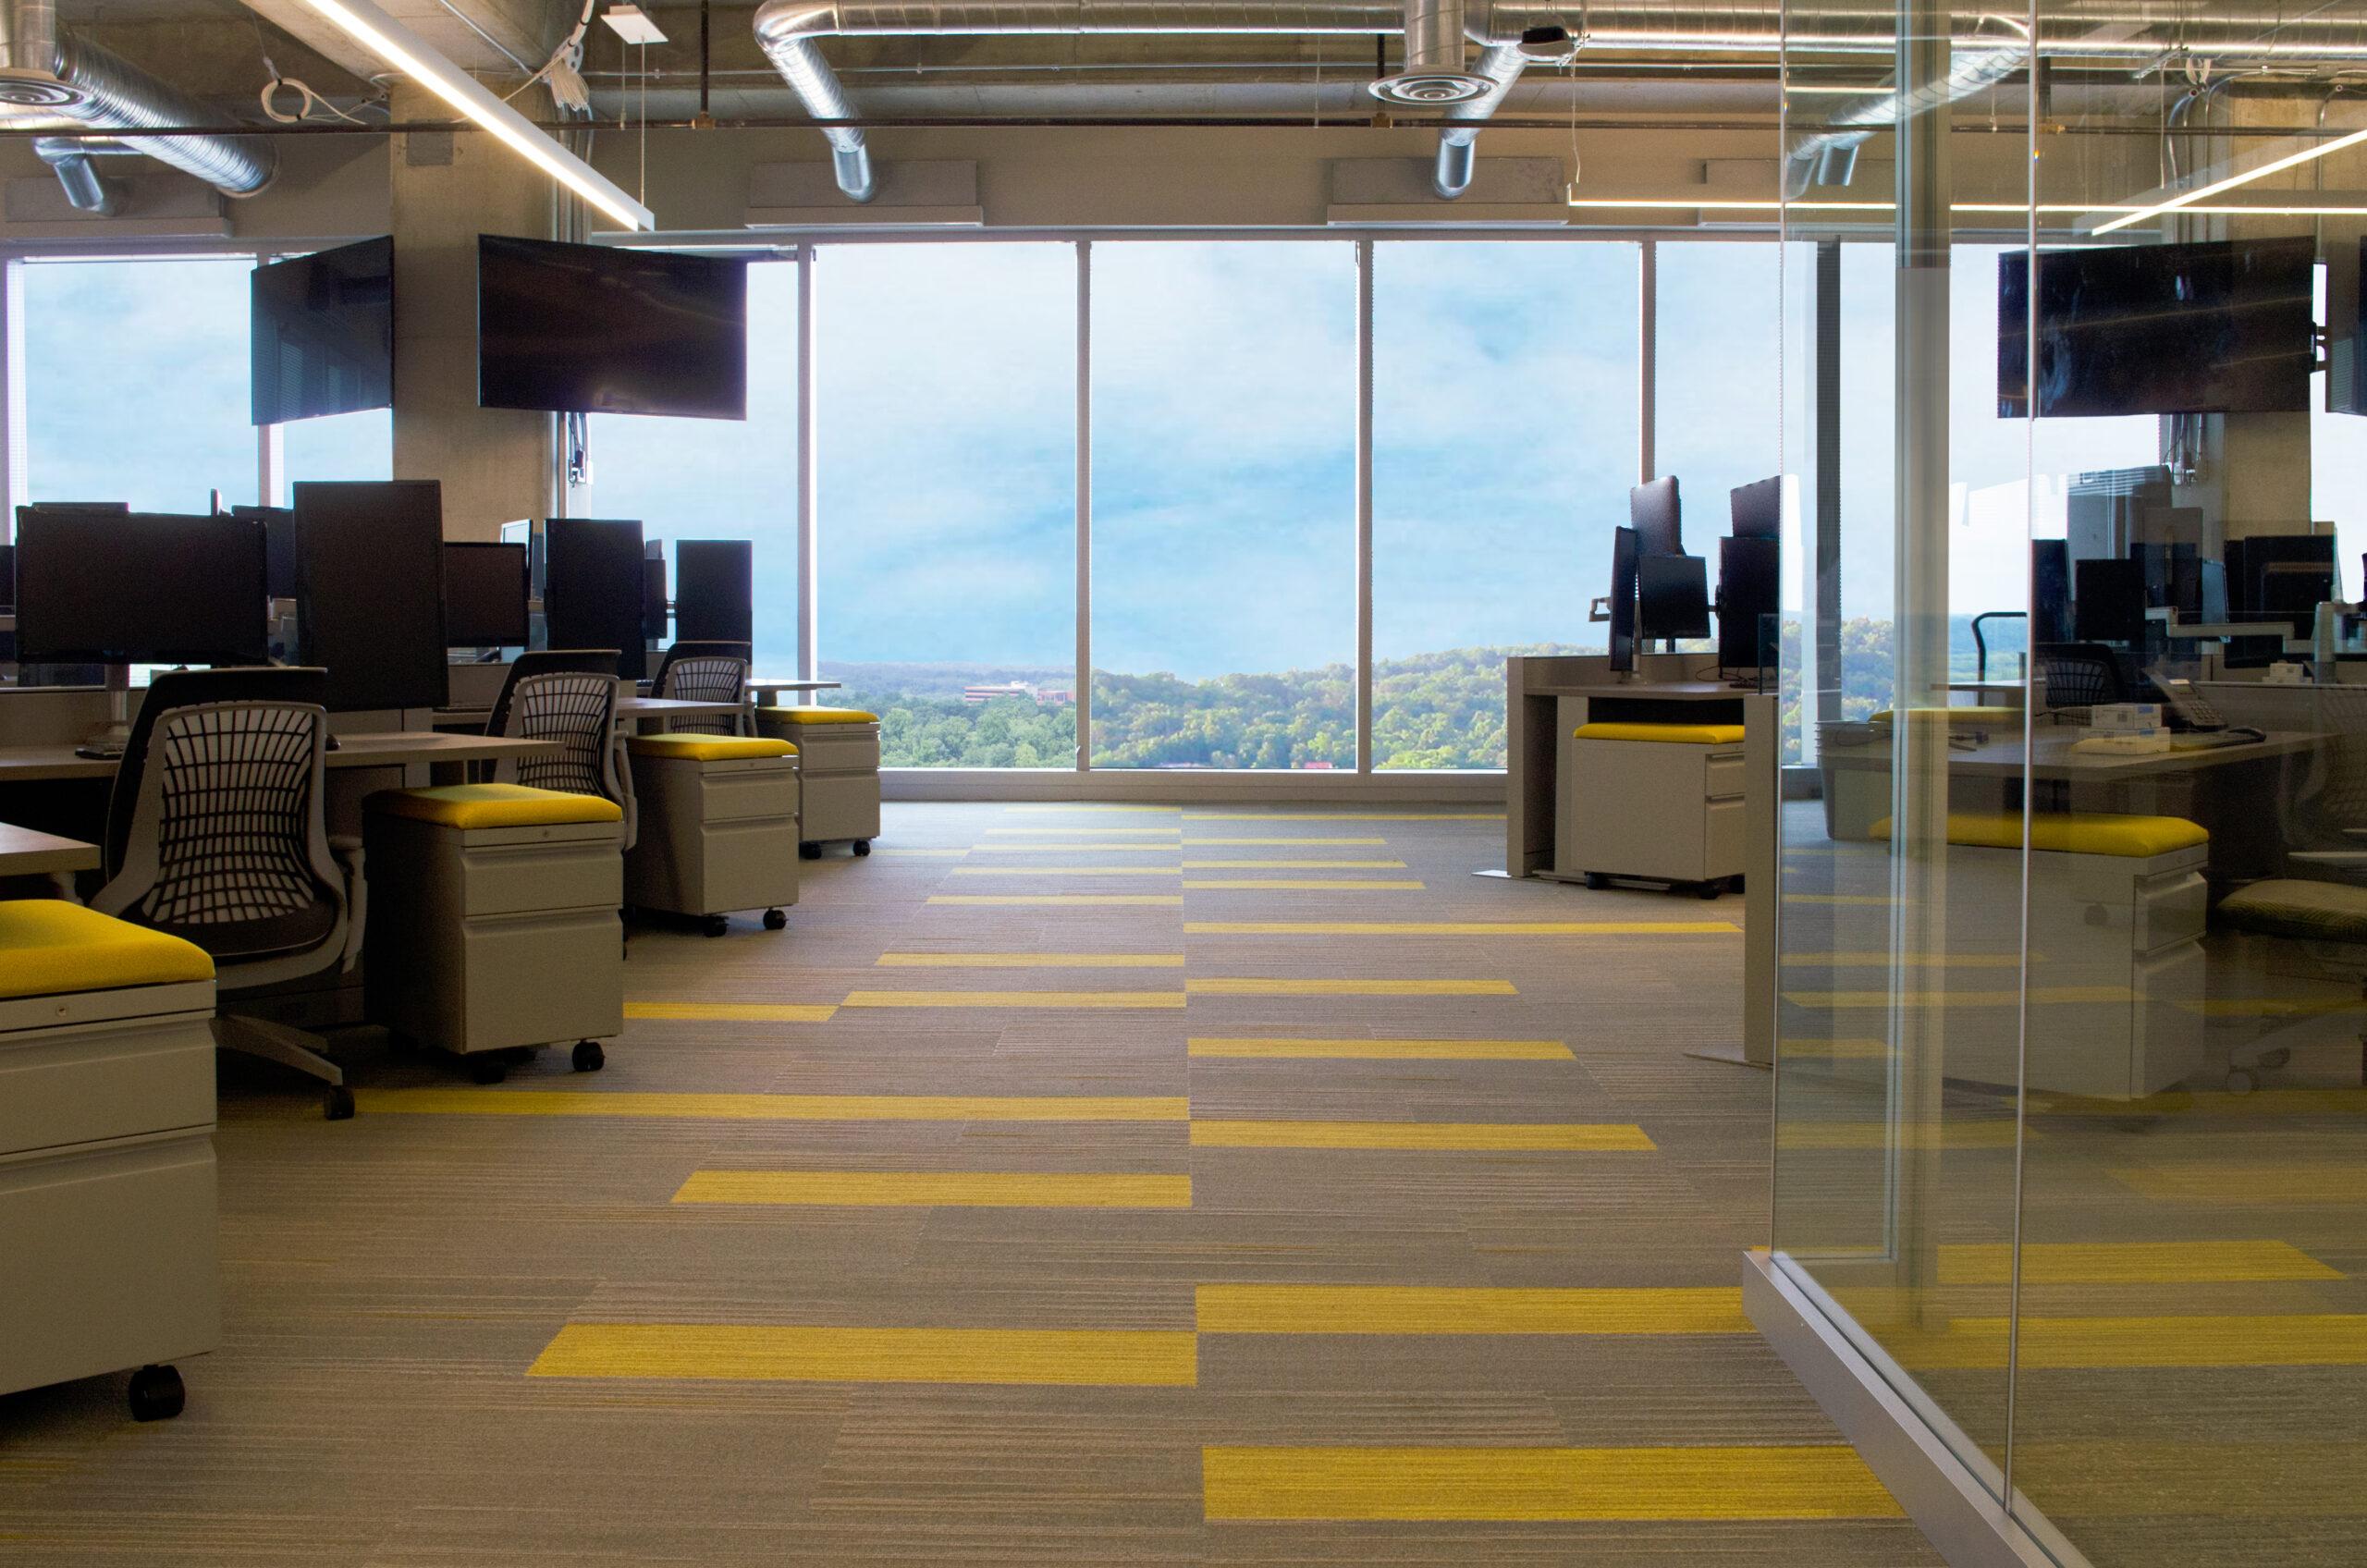 <h1>Corporate Interiors</h2>